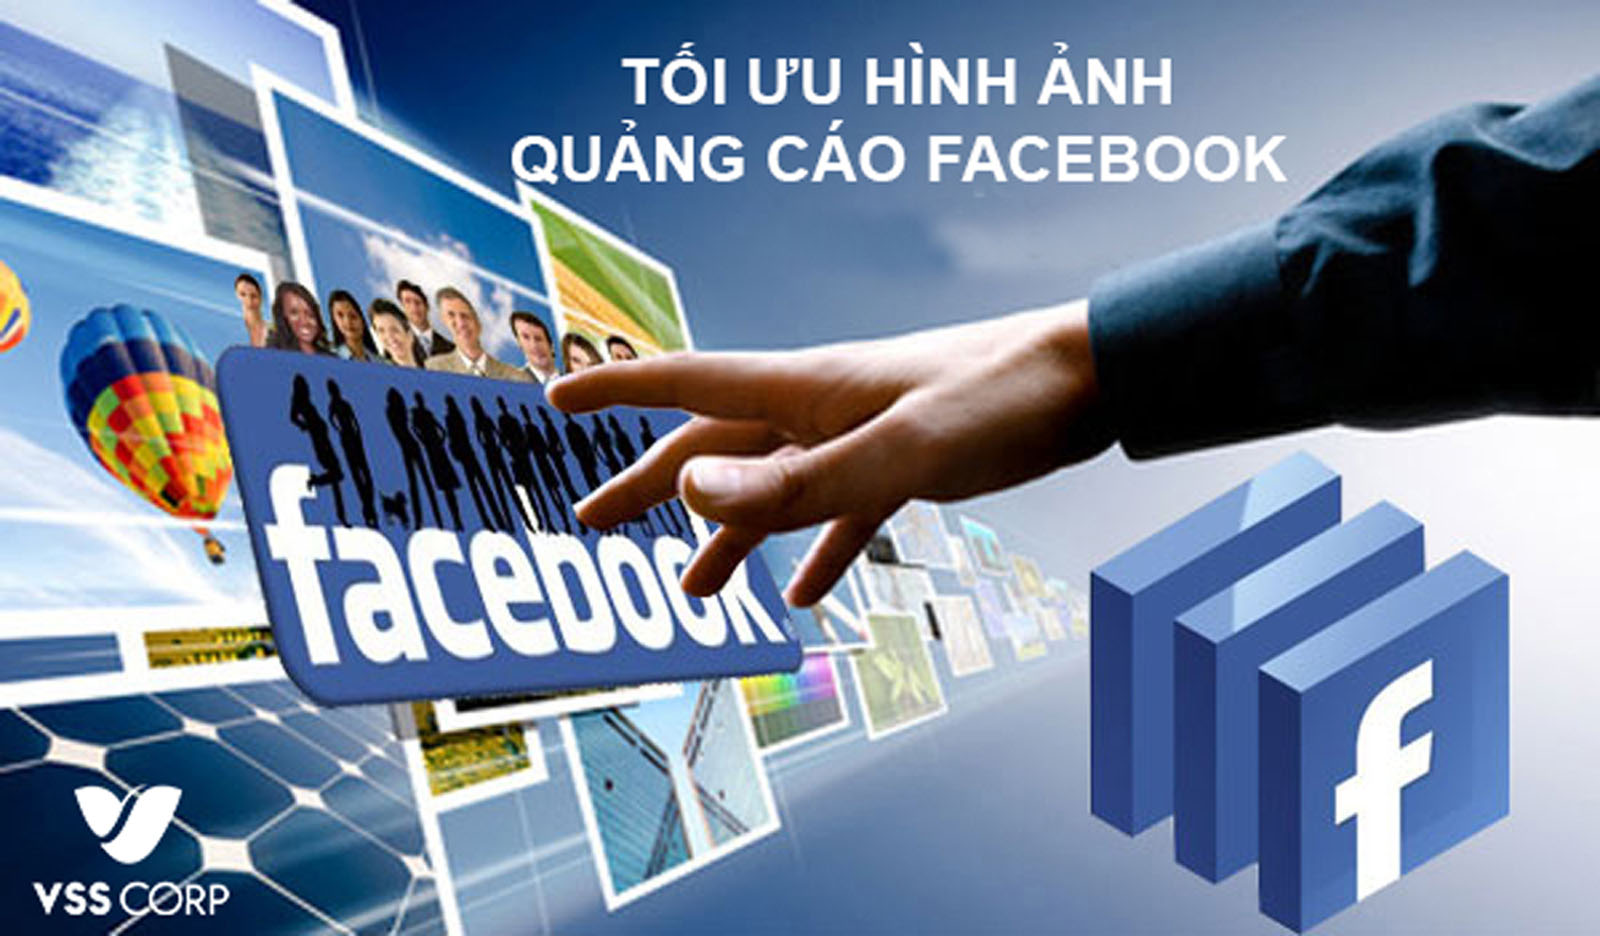 Quảng cáo bài viết trên facebook